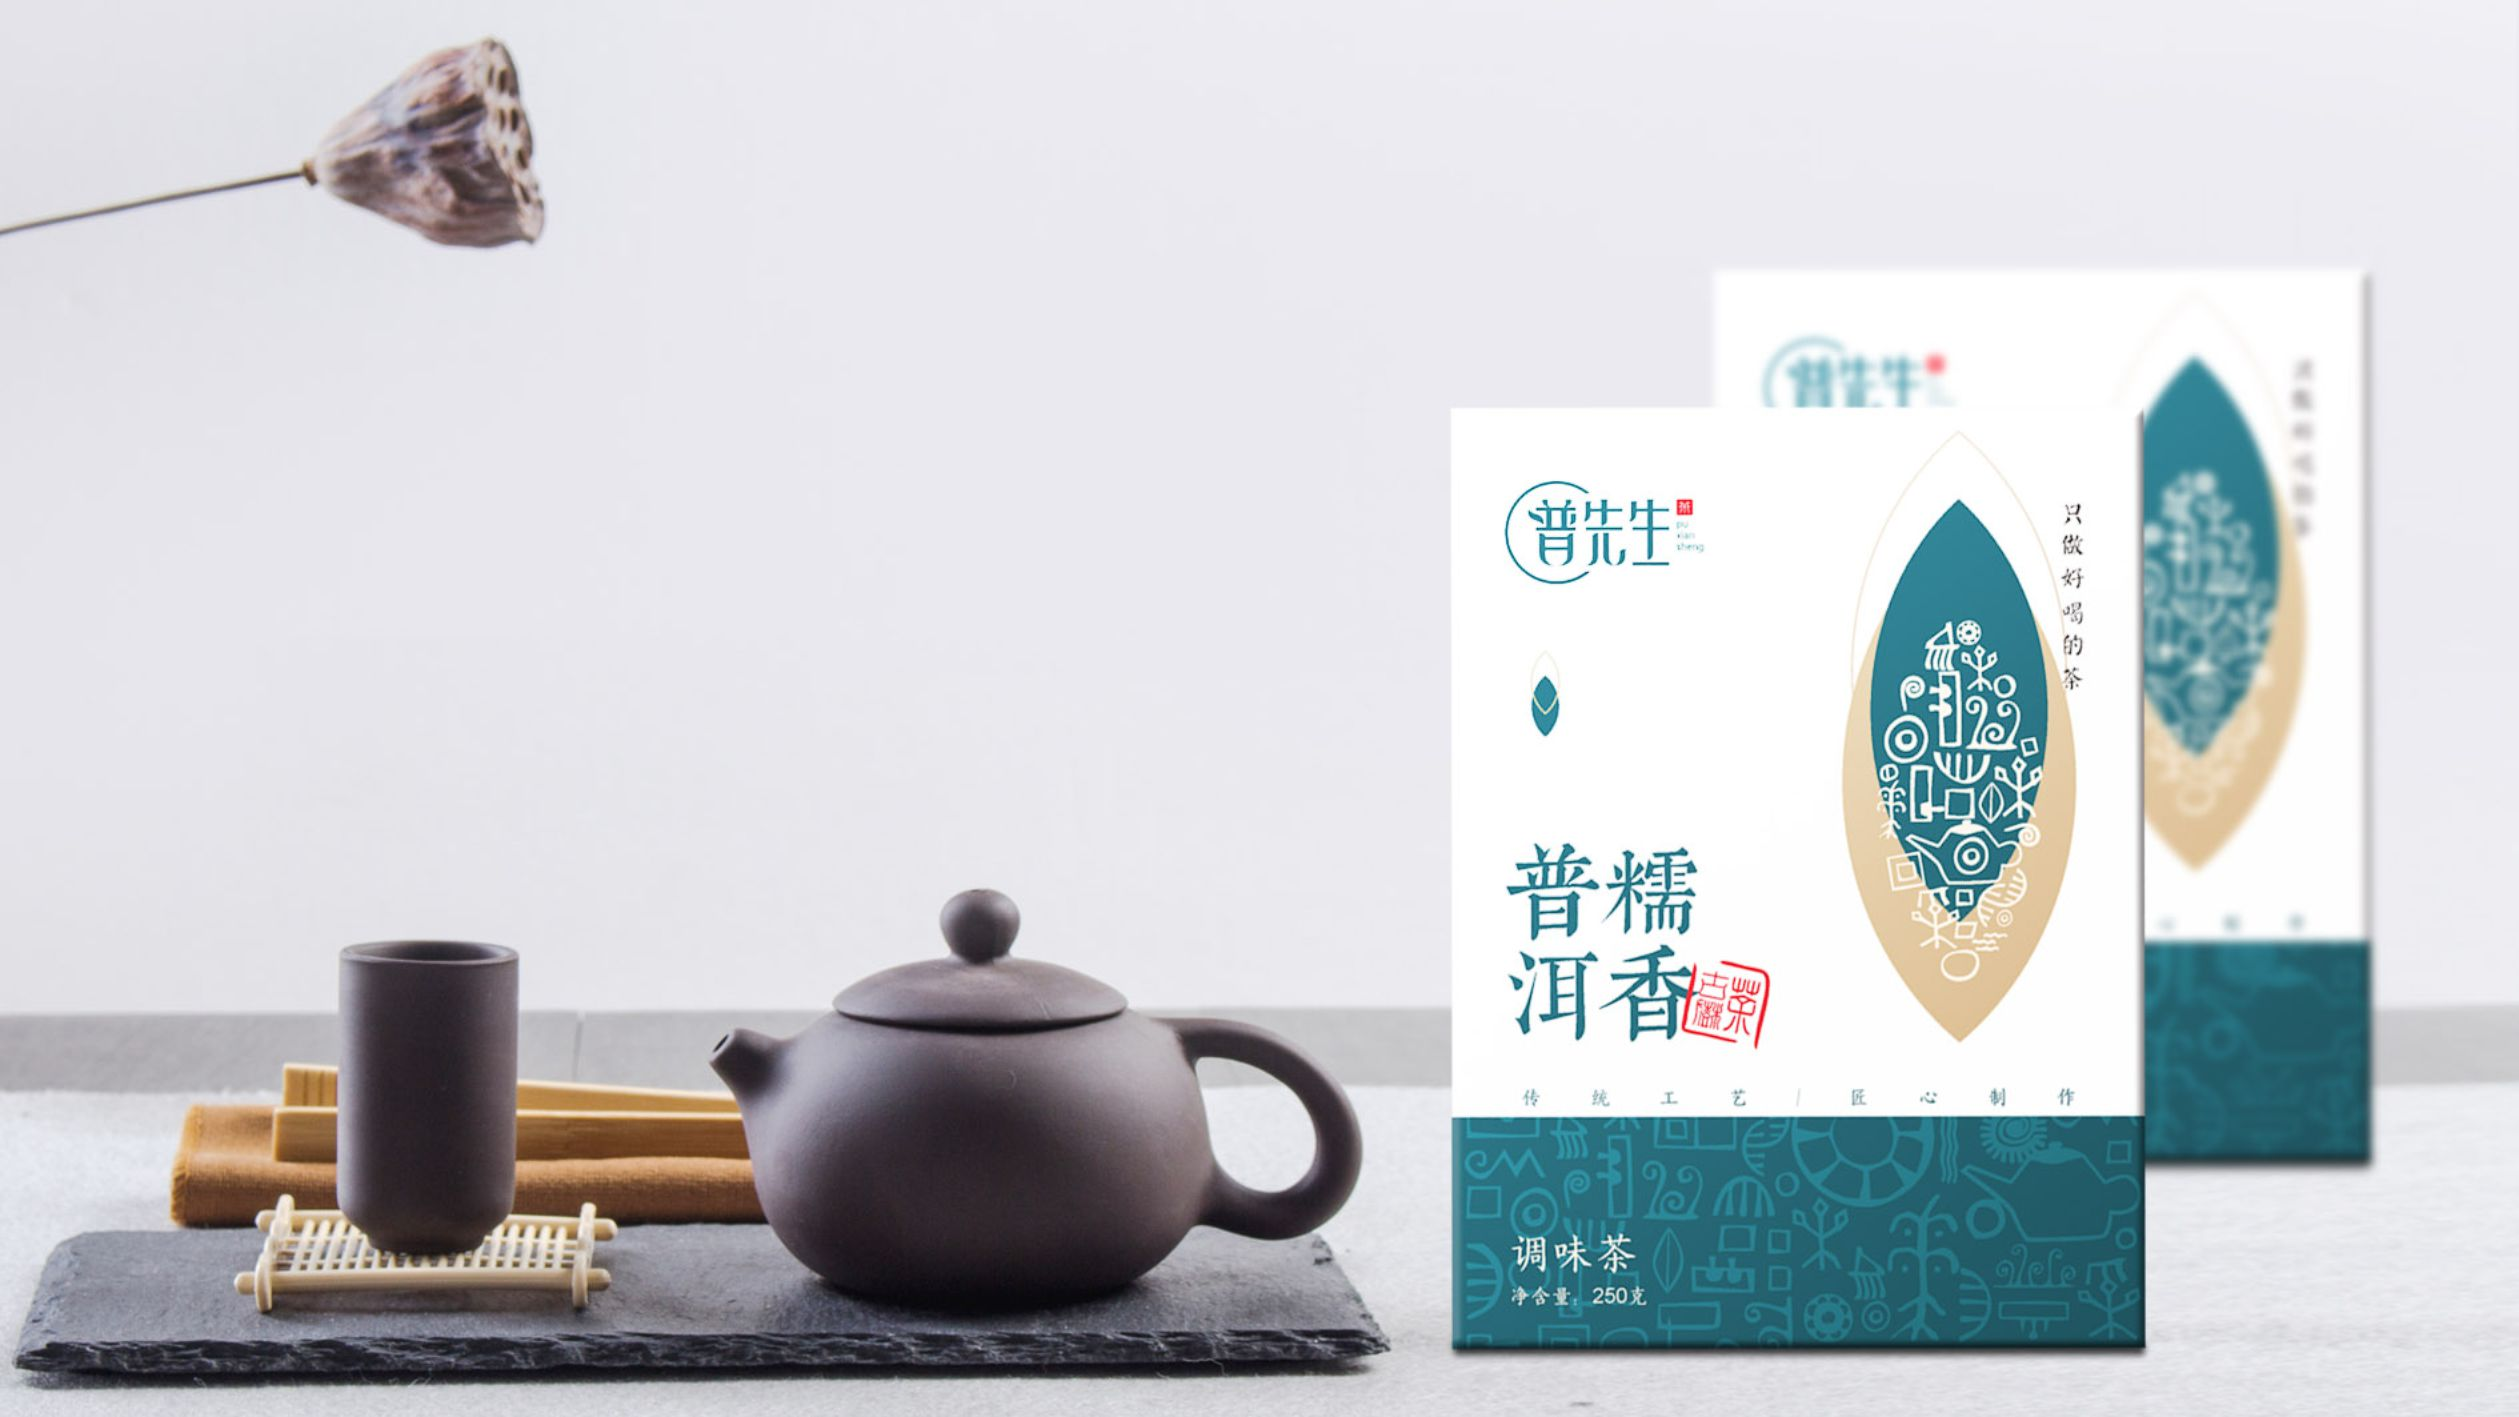 普先生茶叶品牌包装万博手机官网